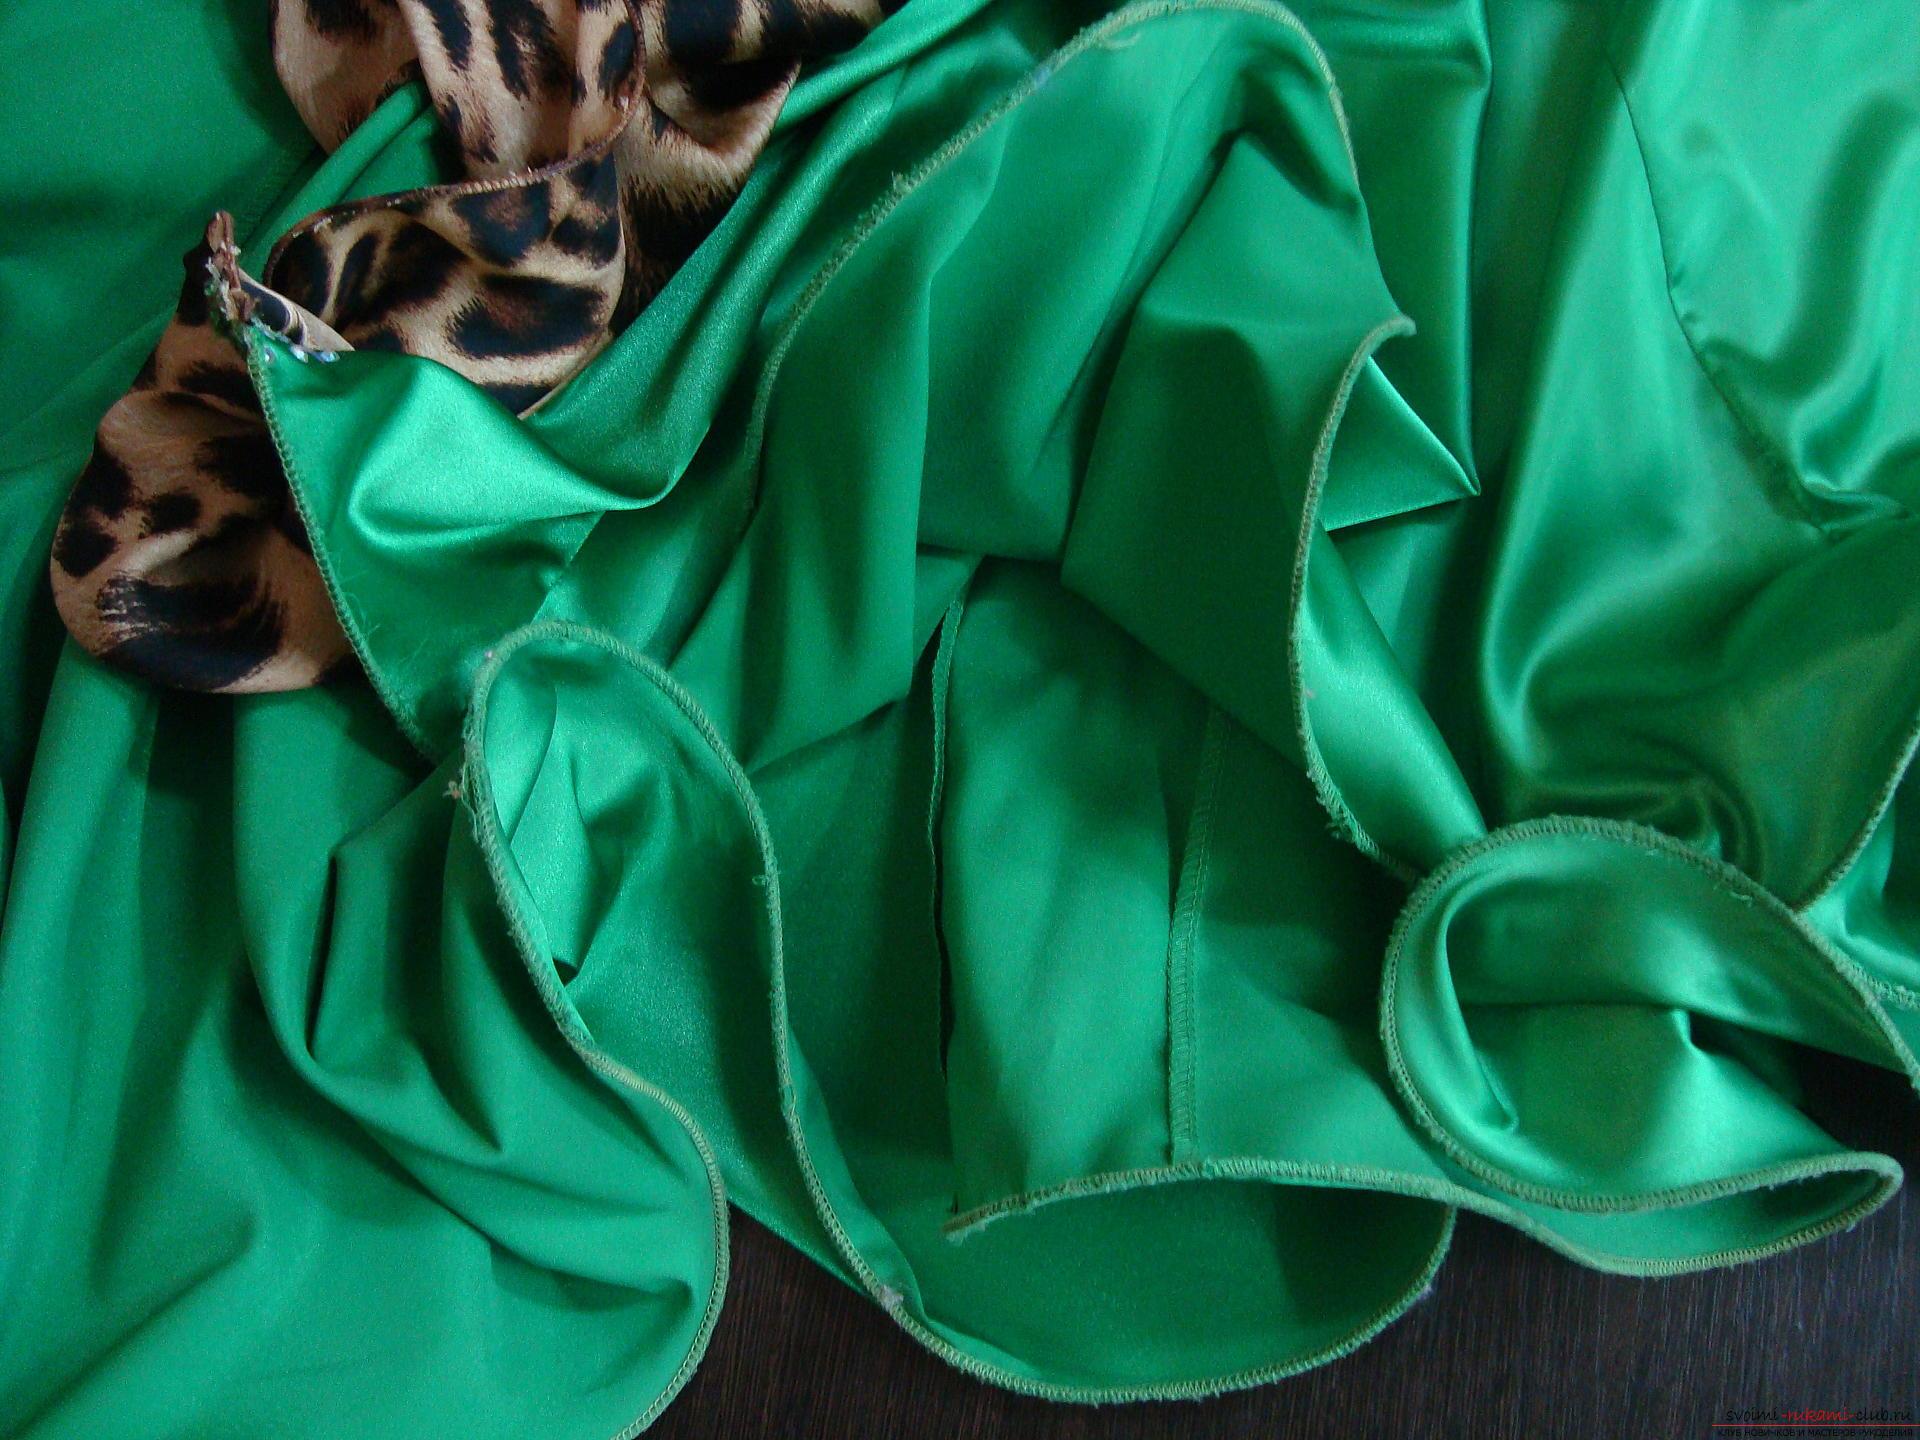 Красивое платье можно пошить в домашних условиях, используя выкройку и схему.. Фото №10